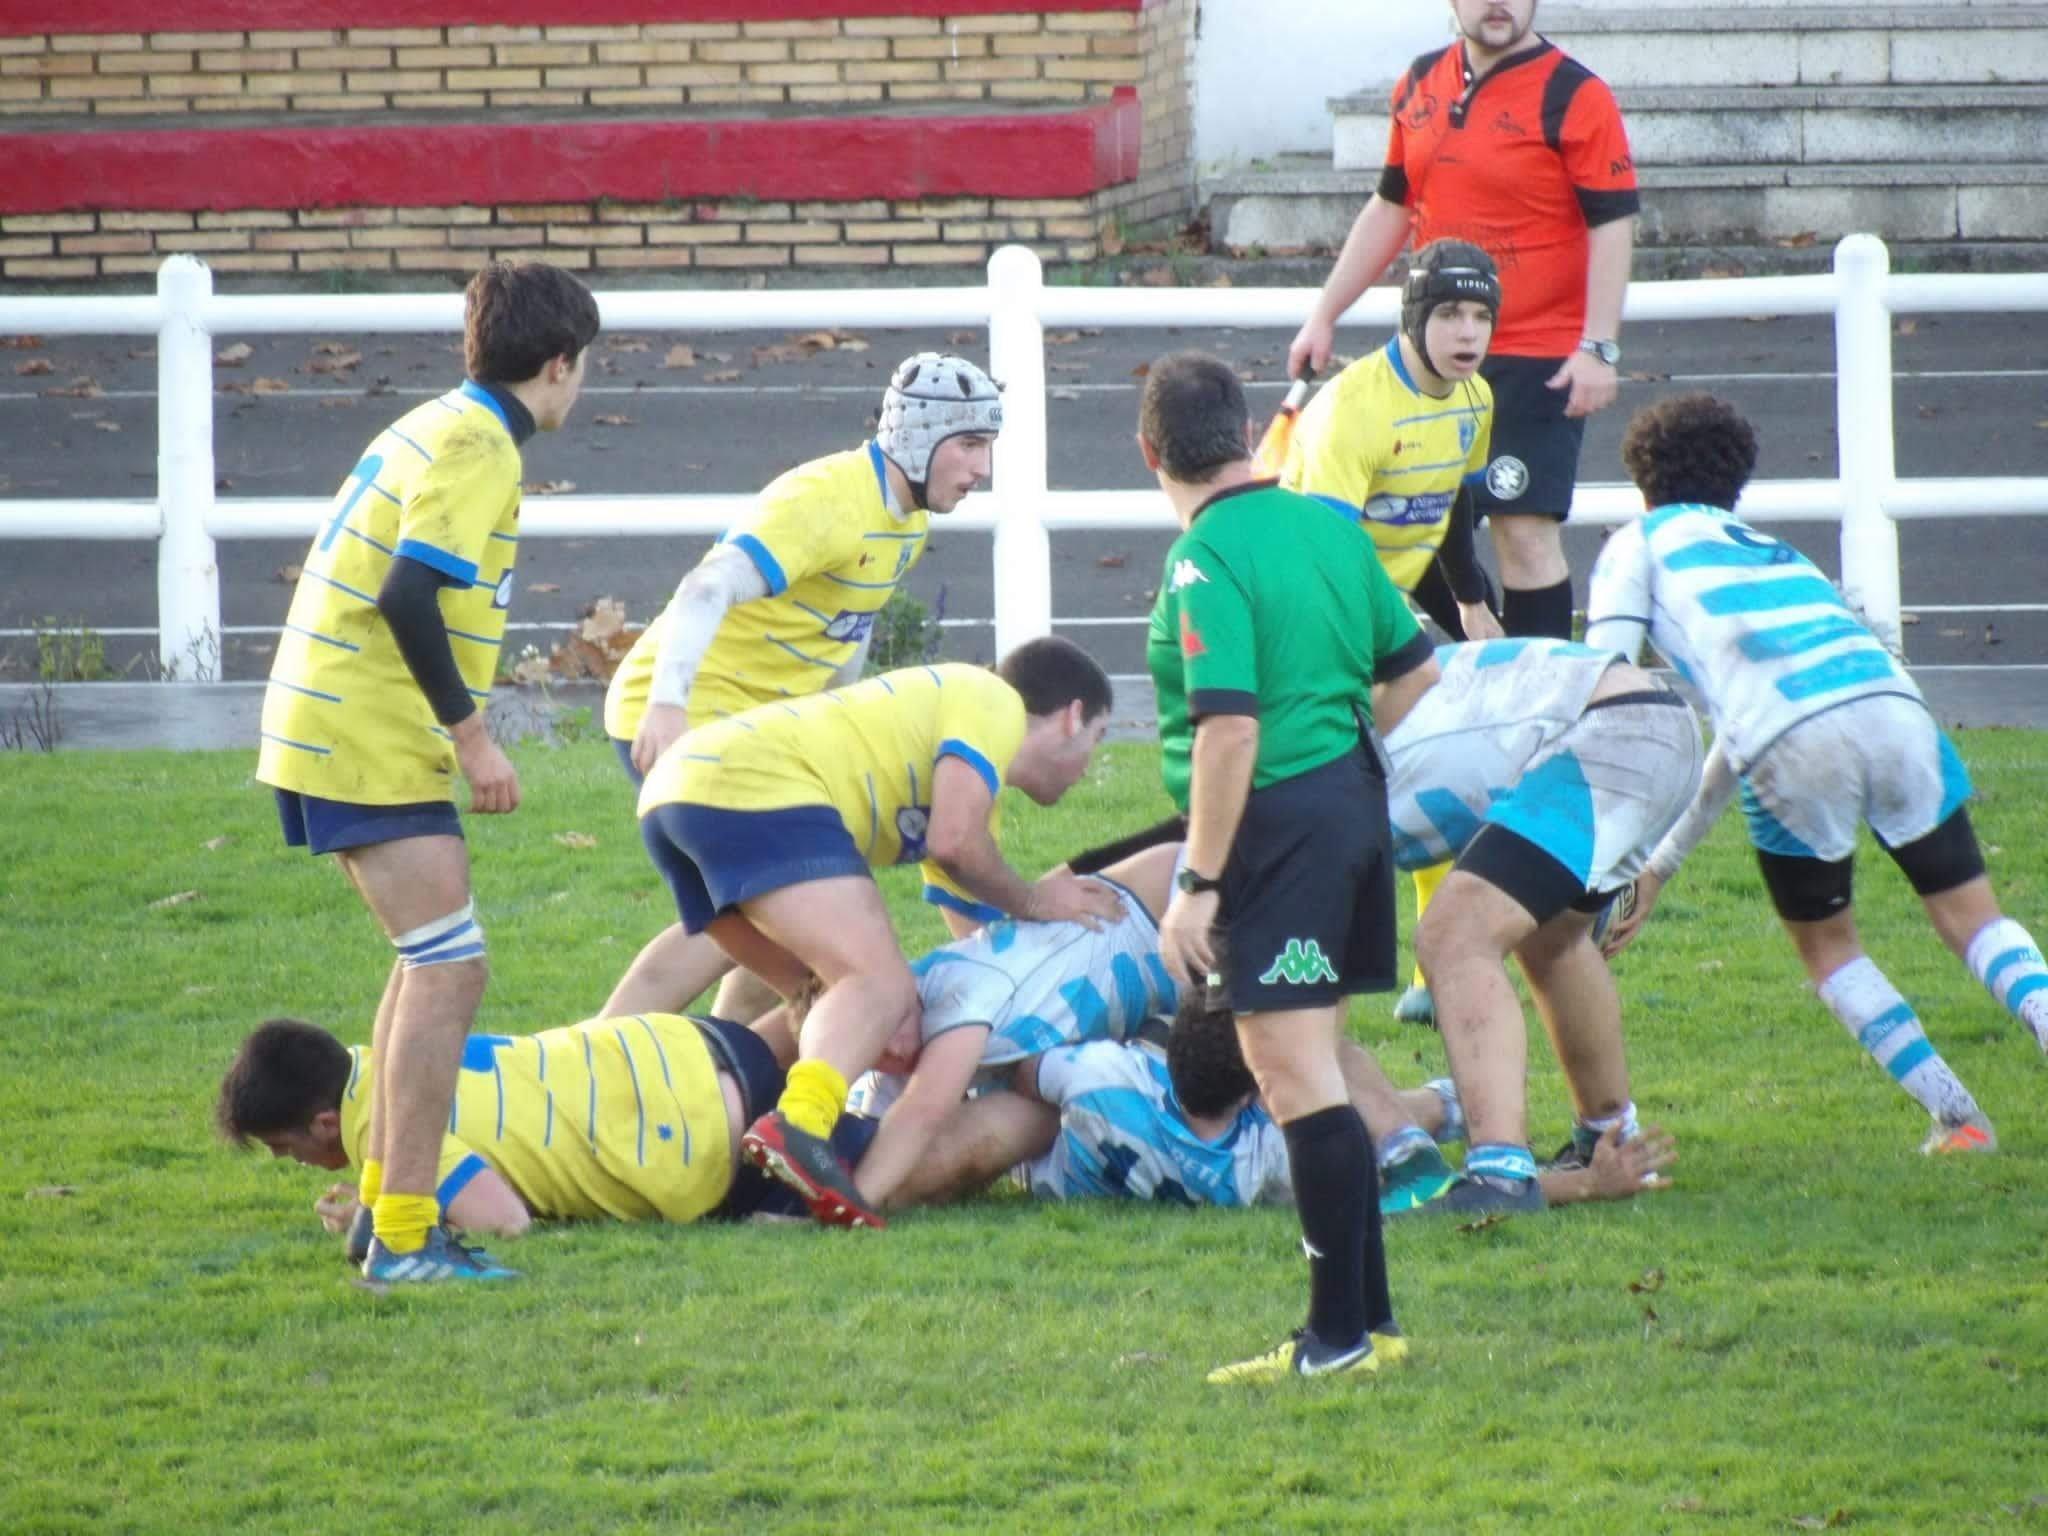 Daniel Rosales del Beone Tapia Rugby disputó el Campeonato de España frente a Galicia